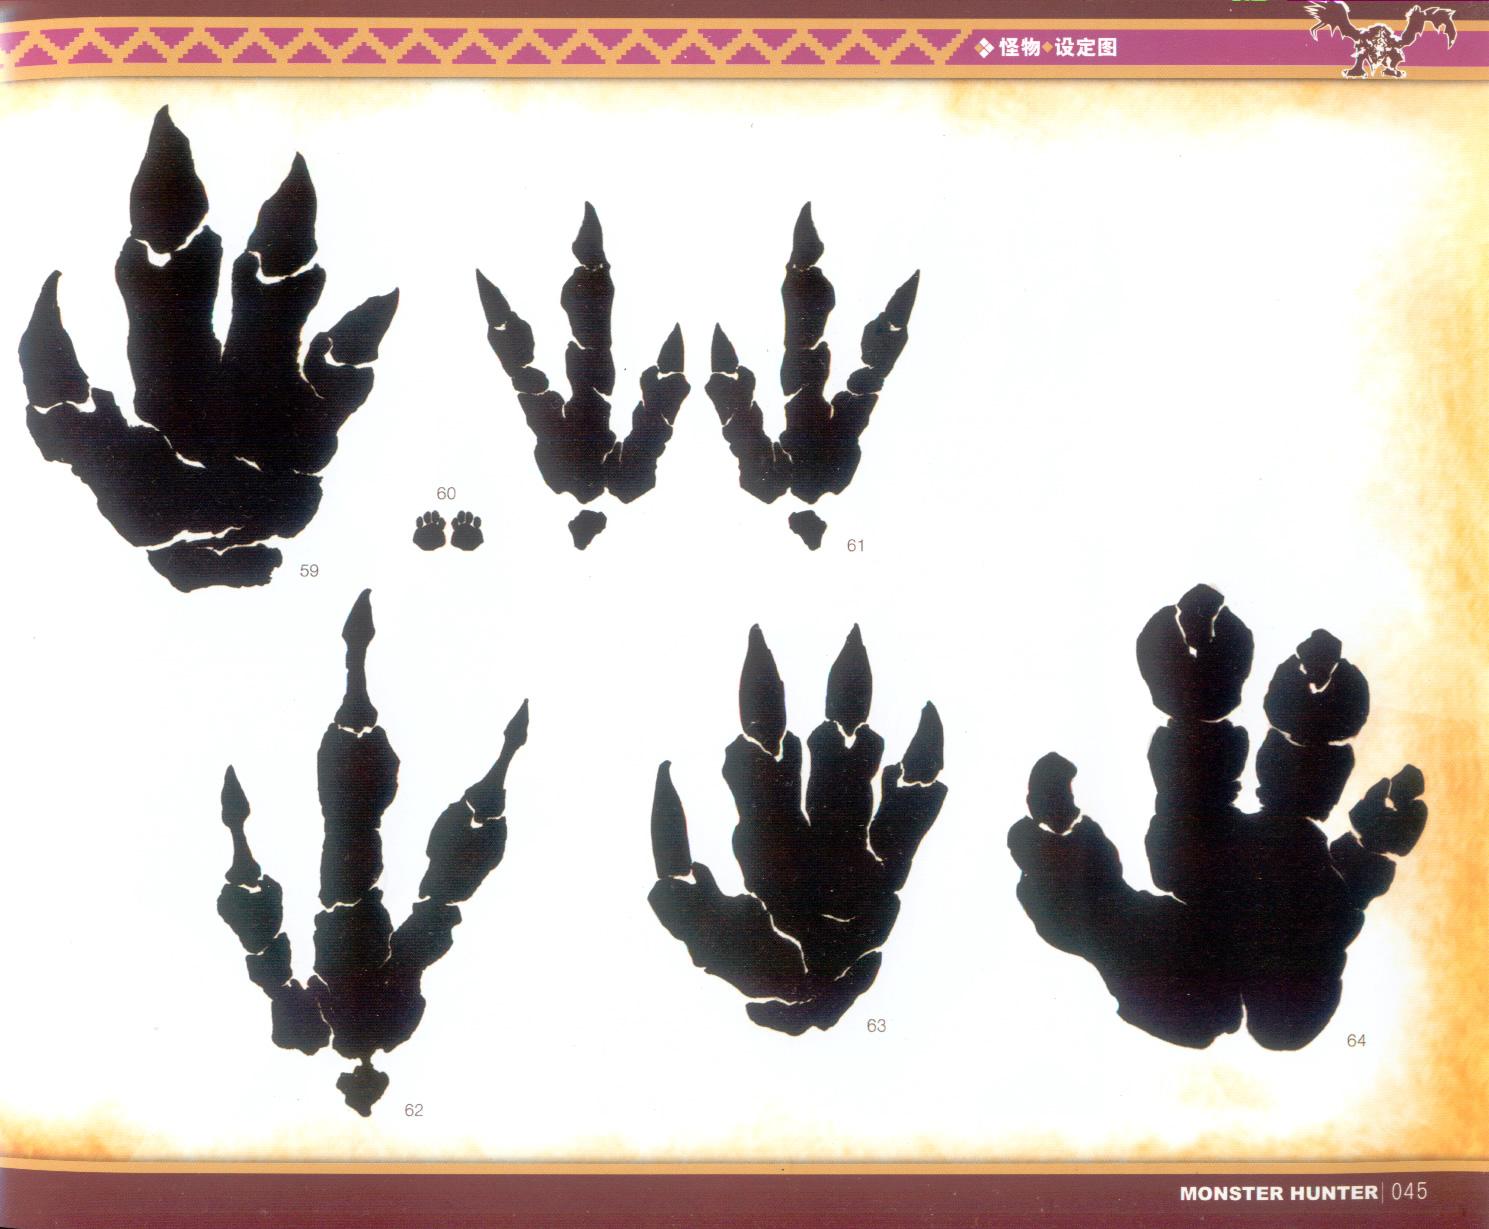 045_关注-游艺网GAME798海量资源下载怪物猎人终极画集.jpg